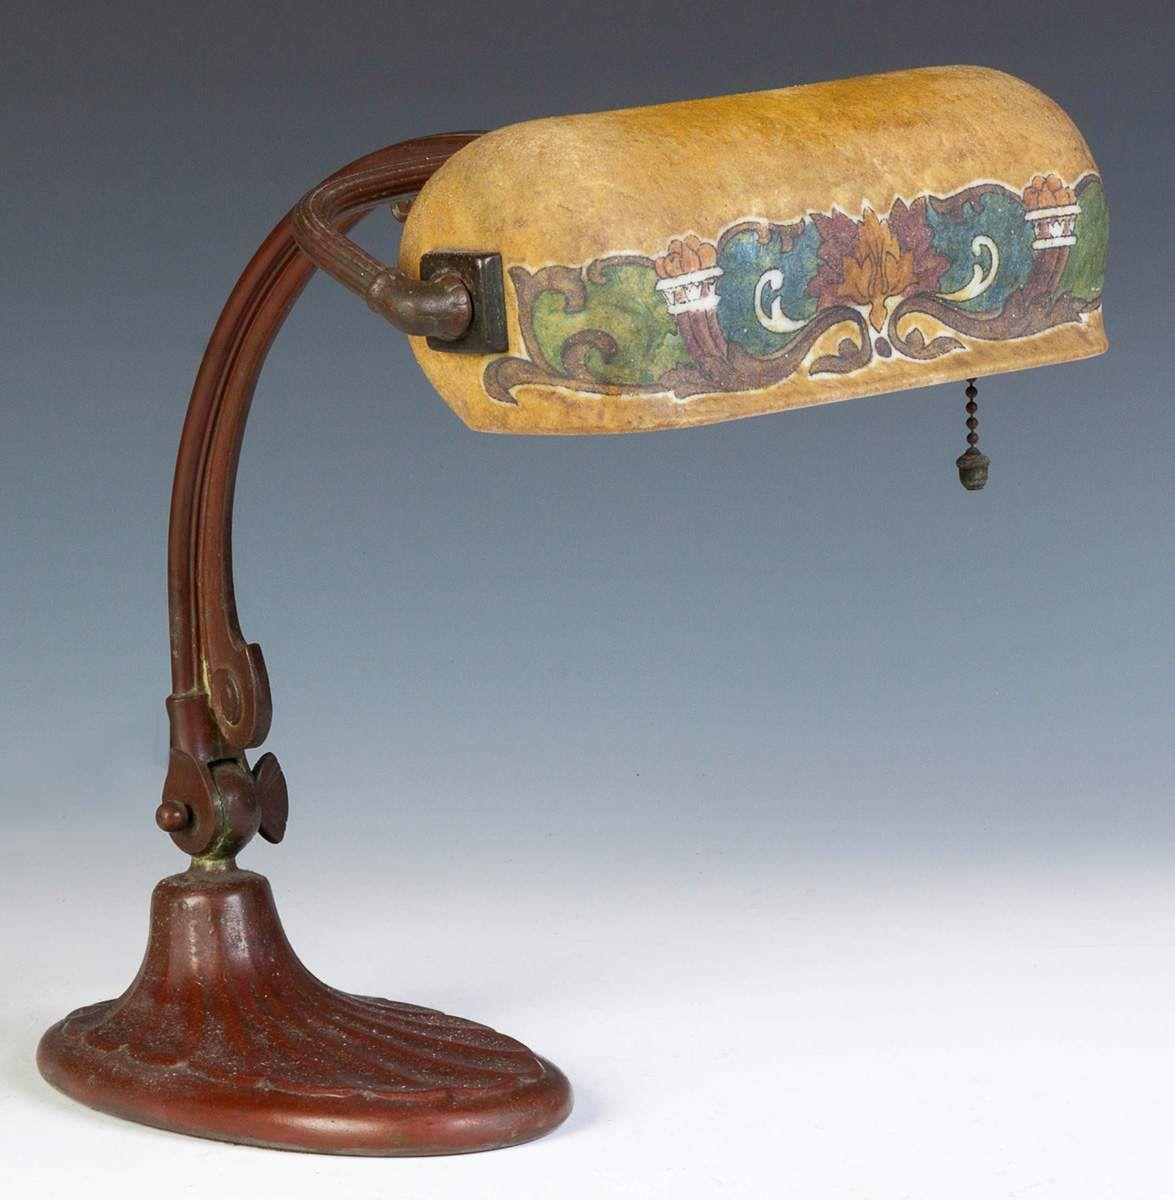 Handel Obverse Painted Arts Crafts Desk Lamp Cottone Auctions Lamp Desk Lamp Handel Lamps